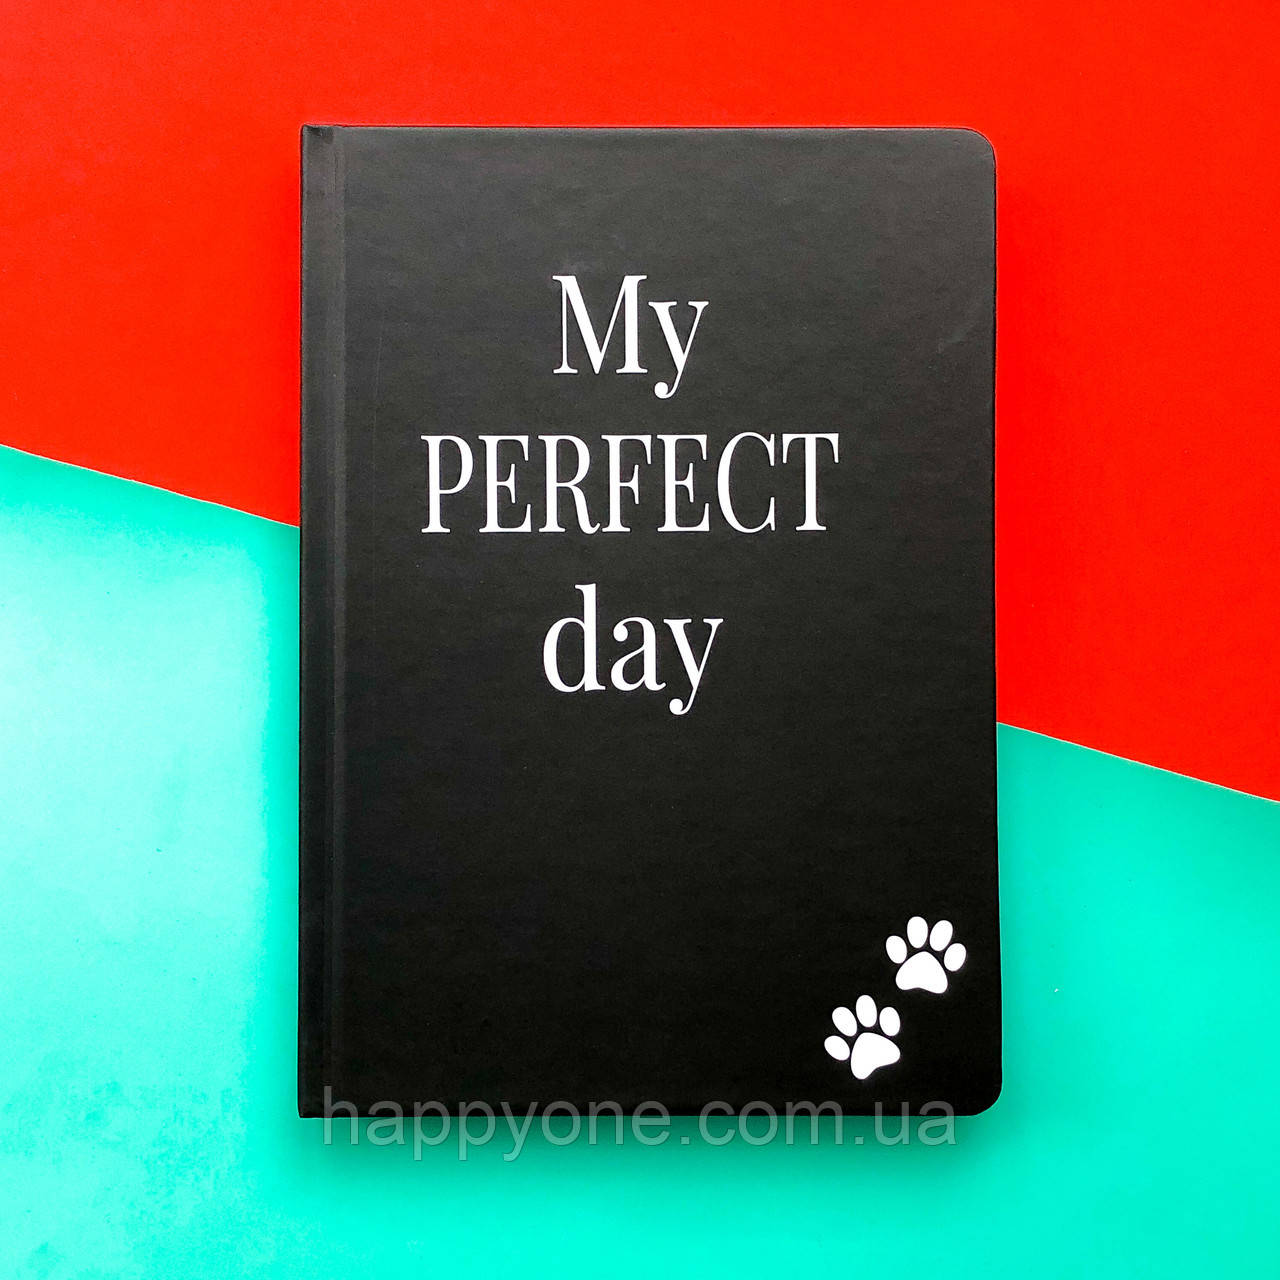 Недатированный дневник Diary My perfect day черный (украинский язык)